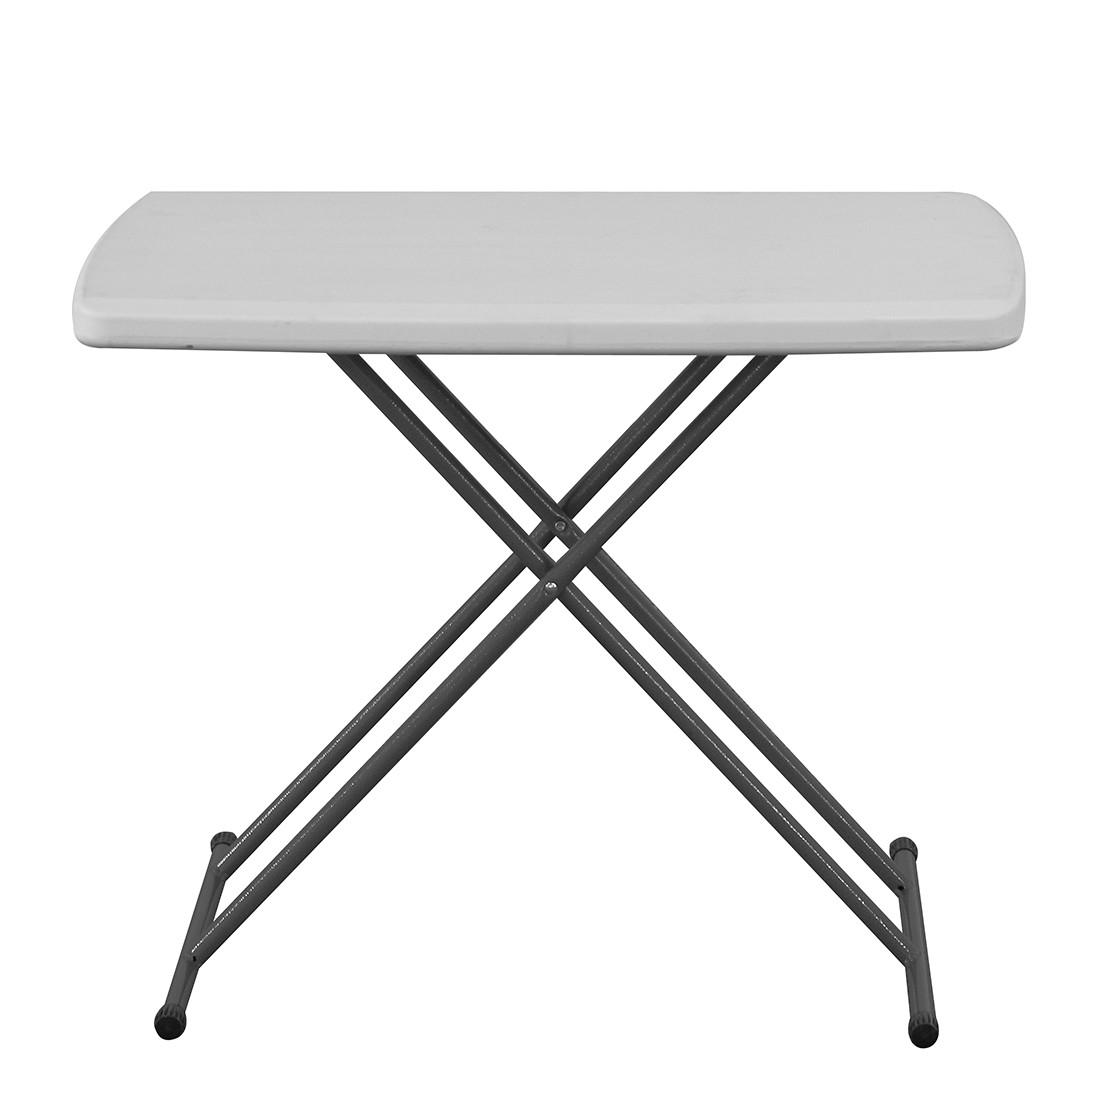 Klapptisch Easy III - Stahl/Kunststoff, Blanke Design